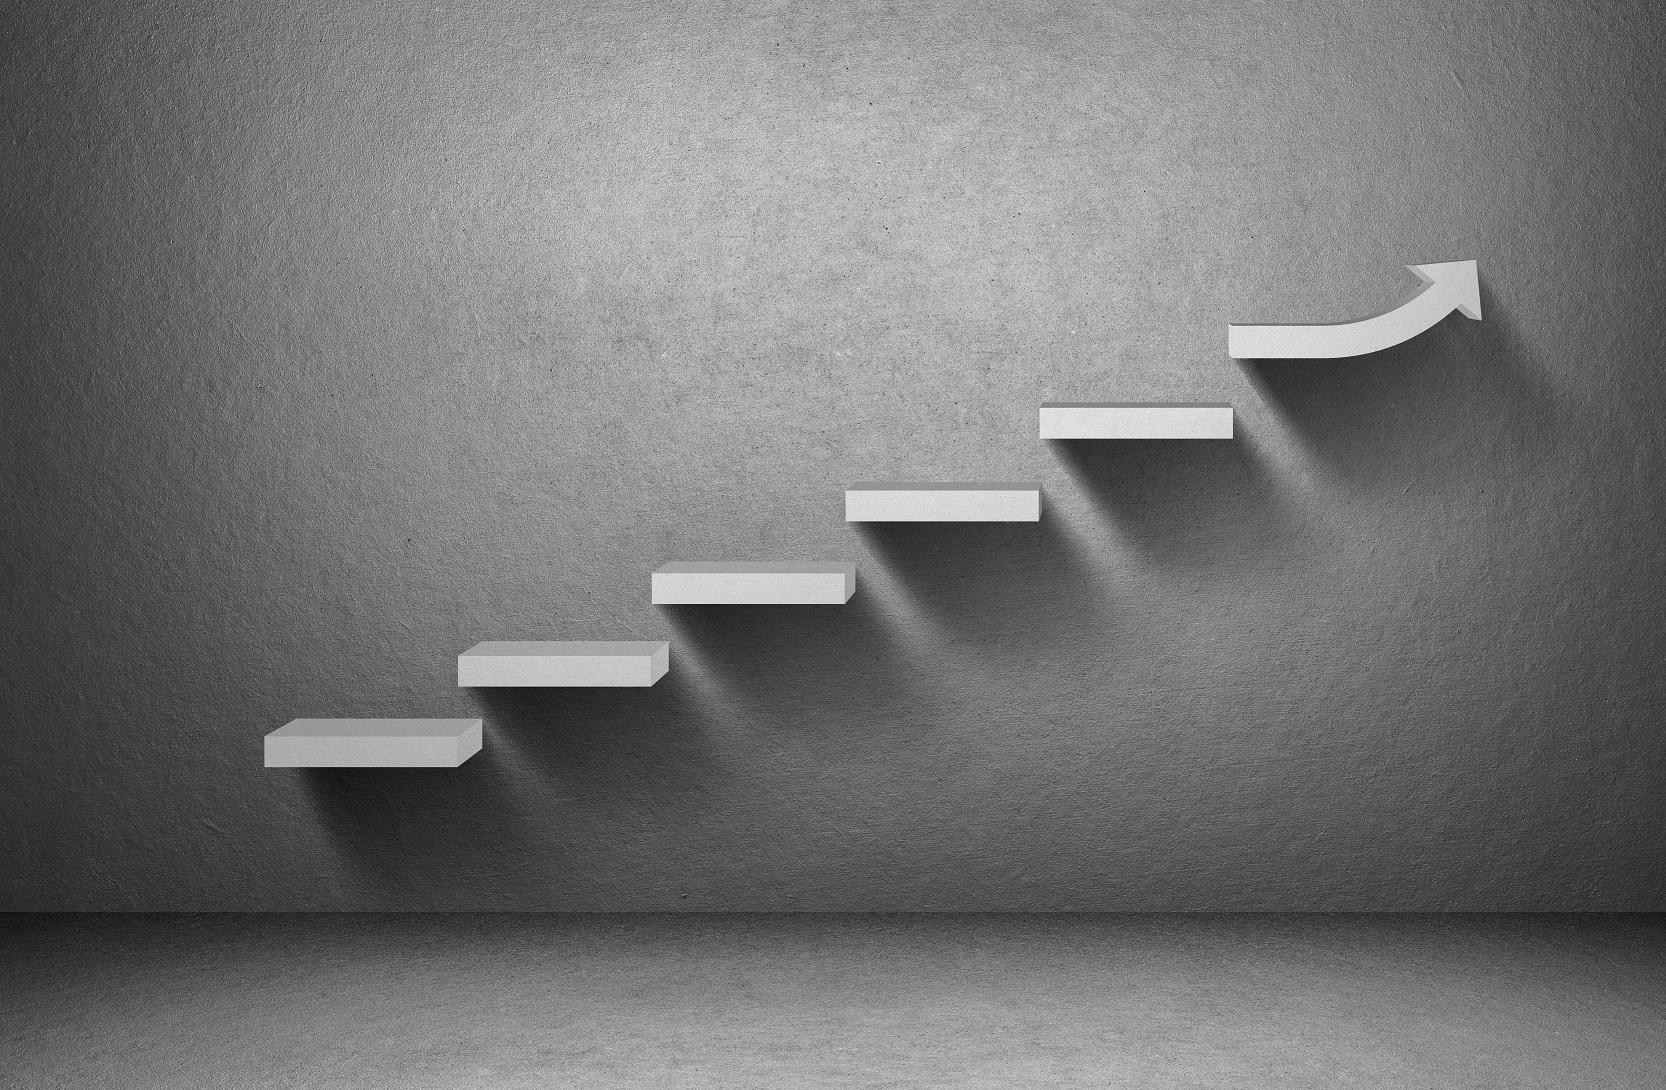 Graue steigende Stufen an einer grauen Wand. Die letzte Stufe ist ein steigender Pfeil. Das Bild zeigt einen Anstieg.